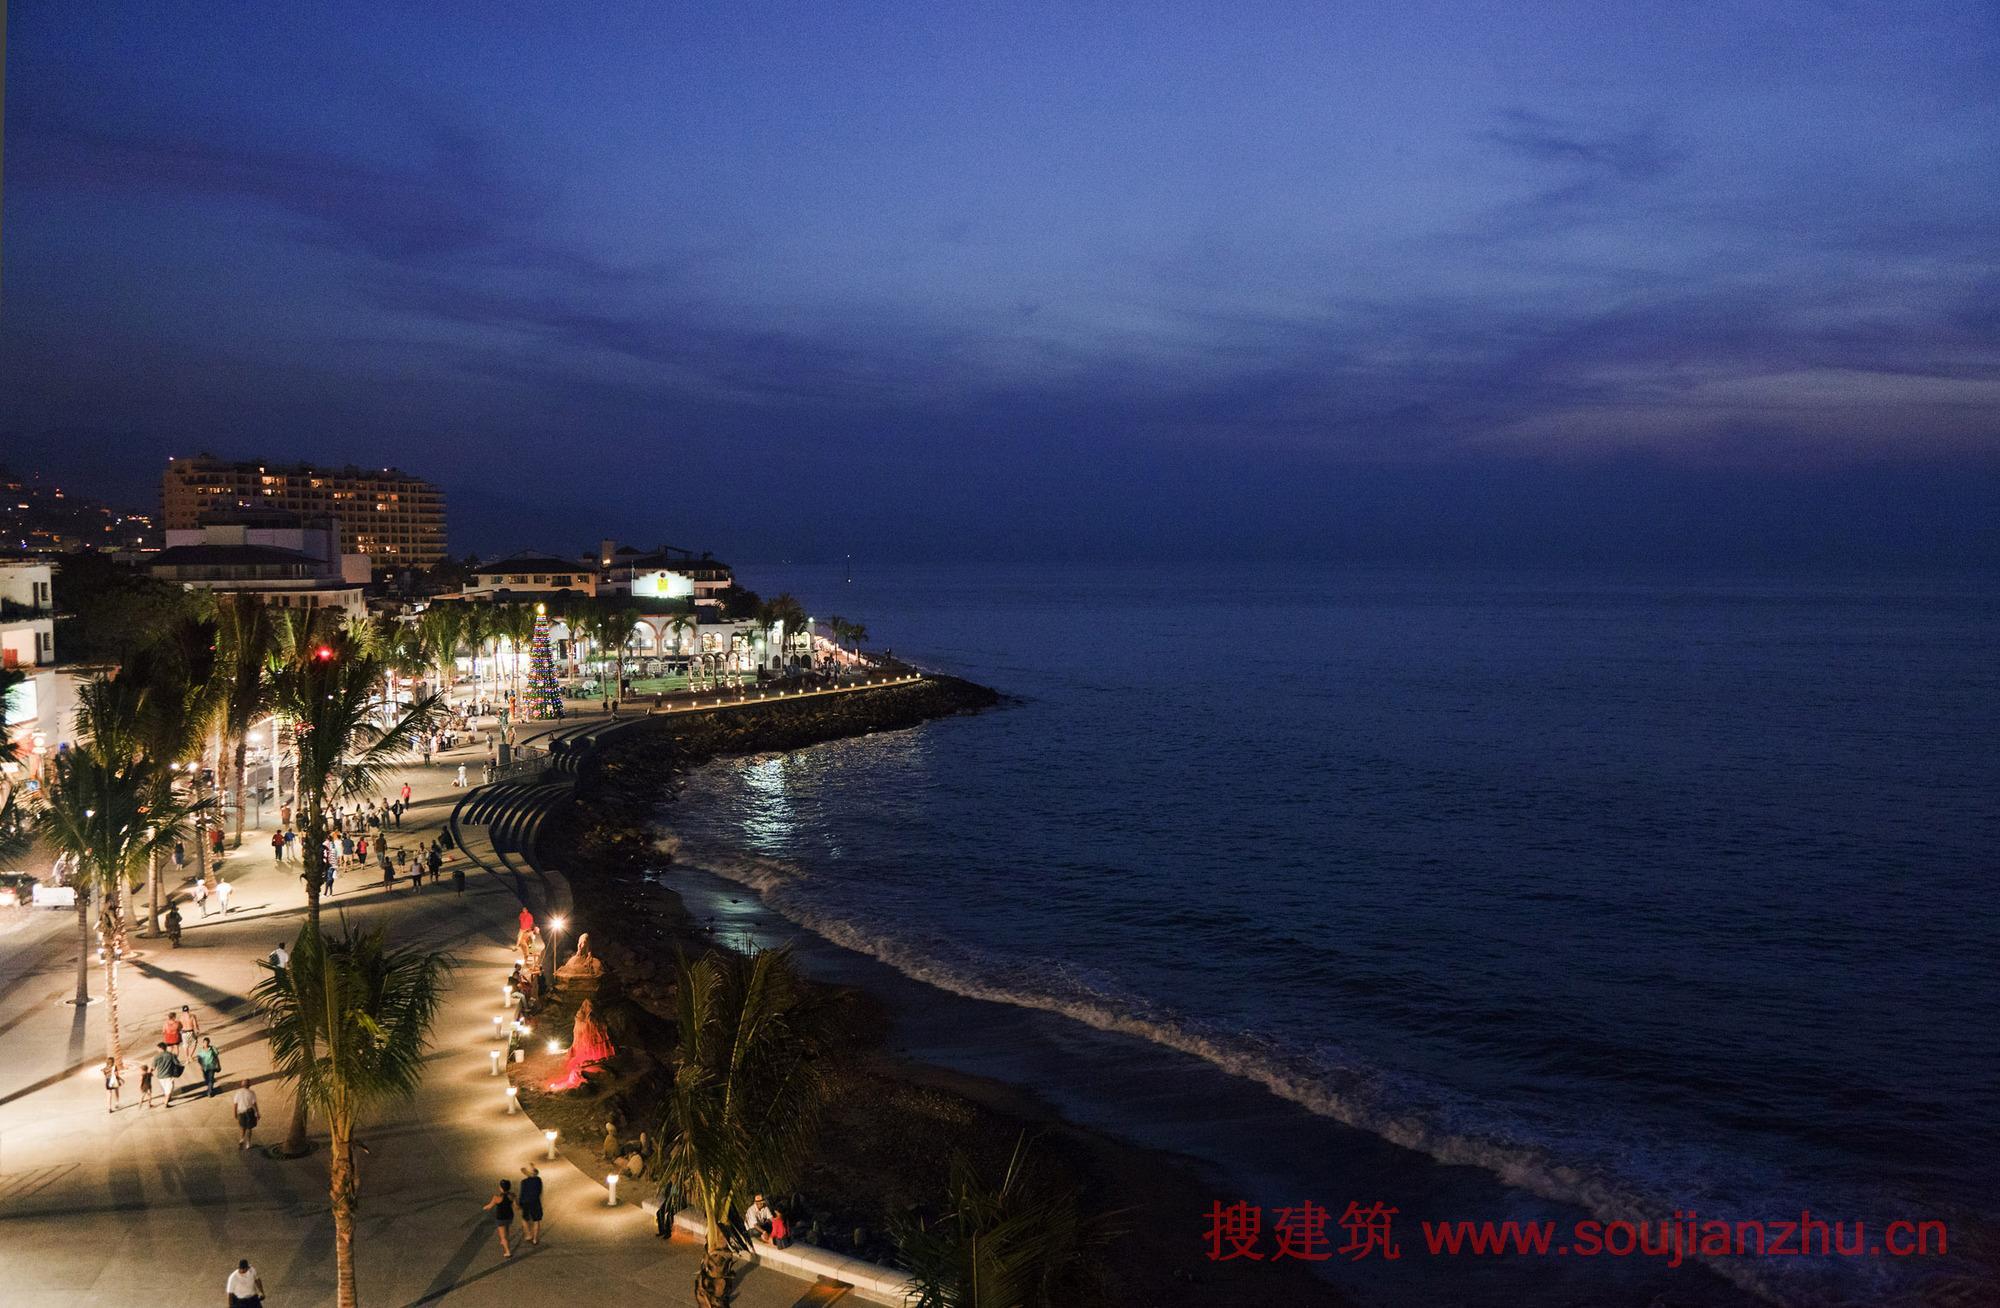 搜建筑网 墨西哥 183 巴亚尔塔港海滨景观 Trama Arquitectos